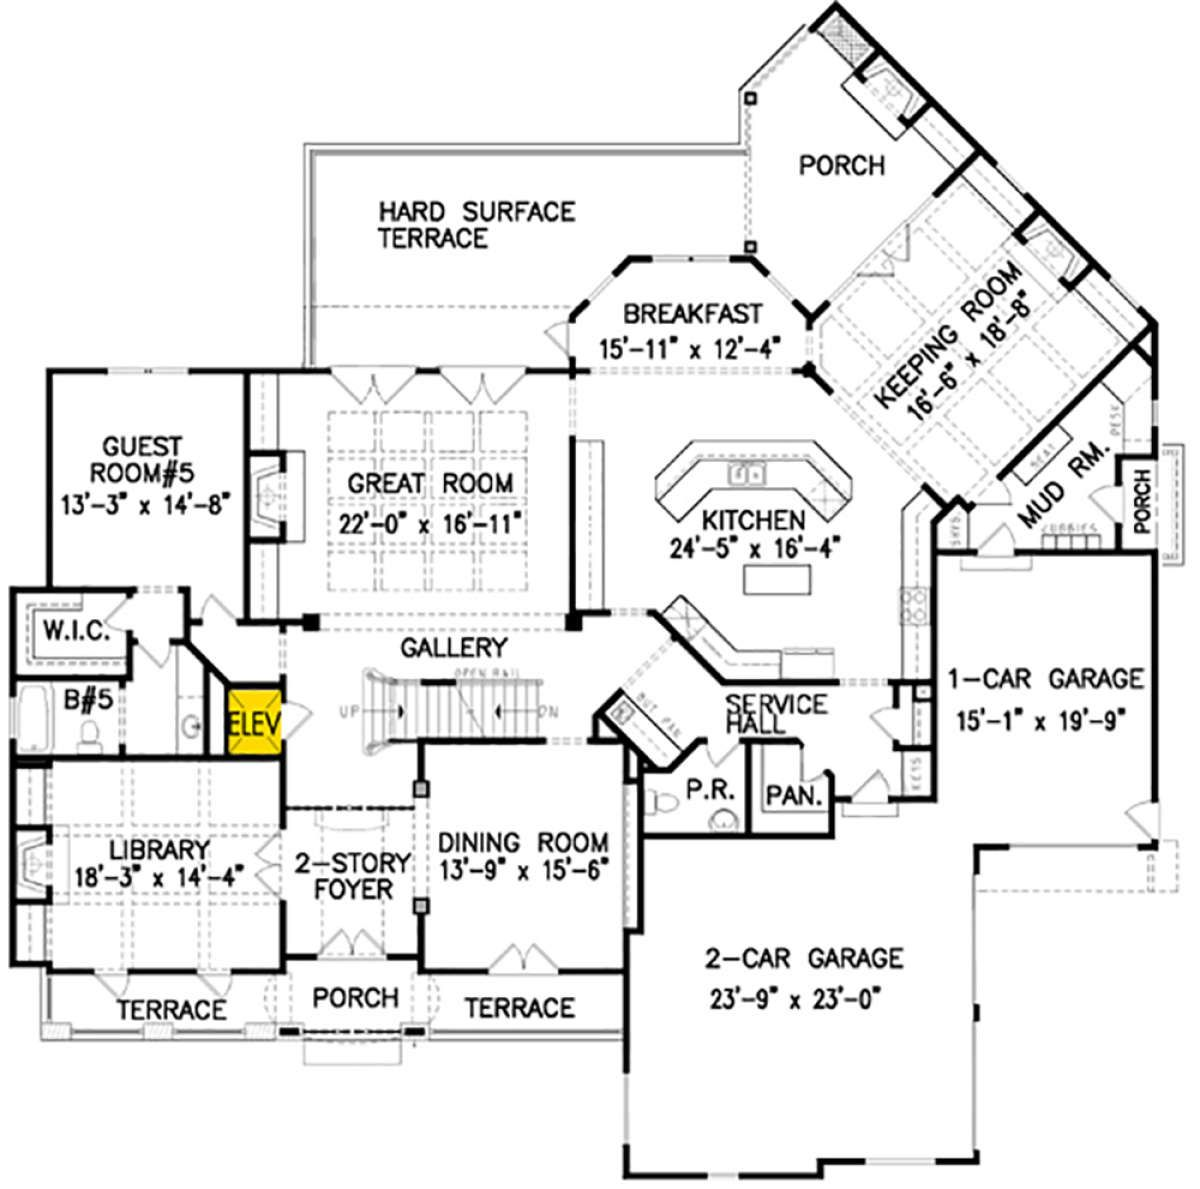 House Plan 699 00097 Luxury Plan 5 855 Square Feet 5 Bedrooms 5 5 Bathrooms Remodel Bedroom Small Bedroom Remodel Kids Bedroom Remodel